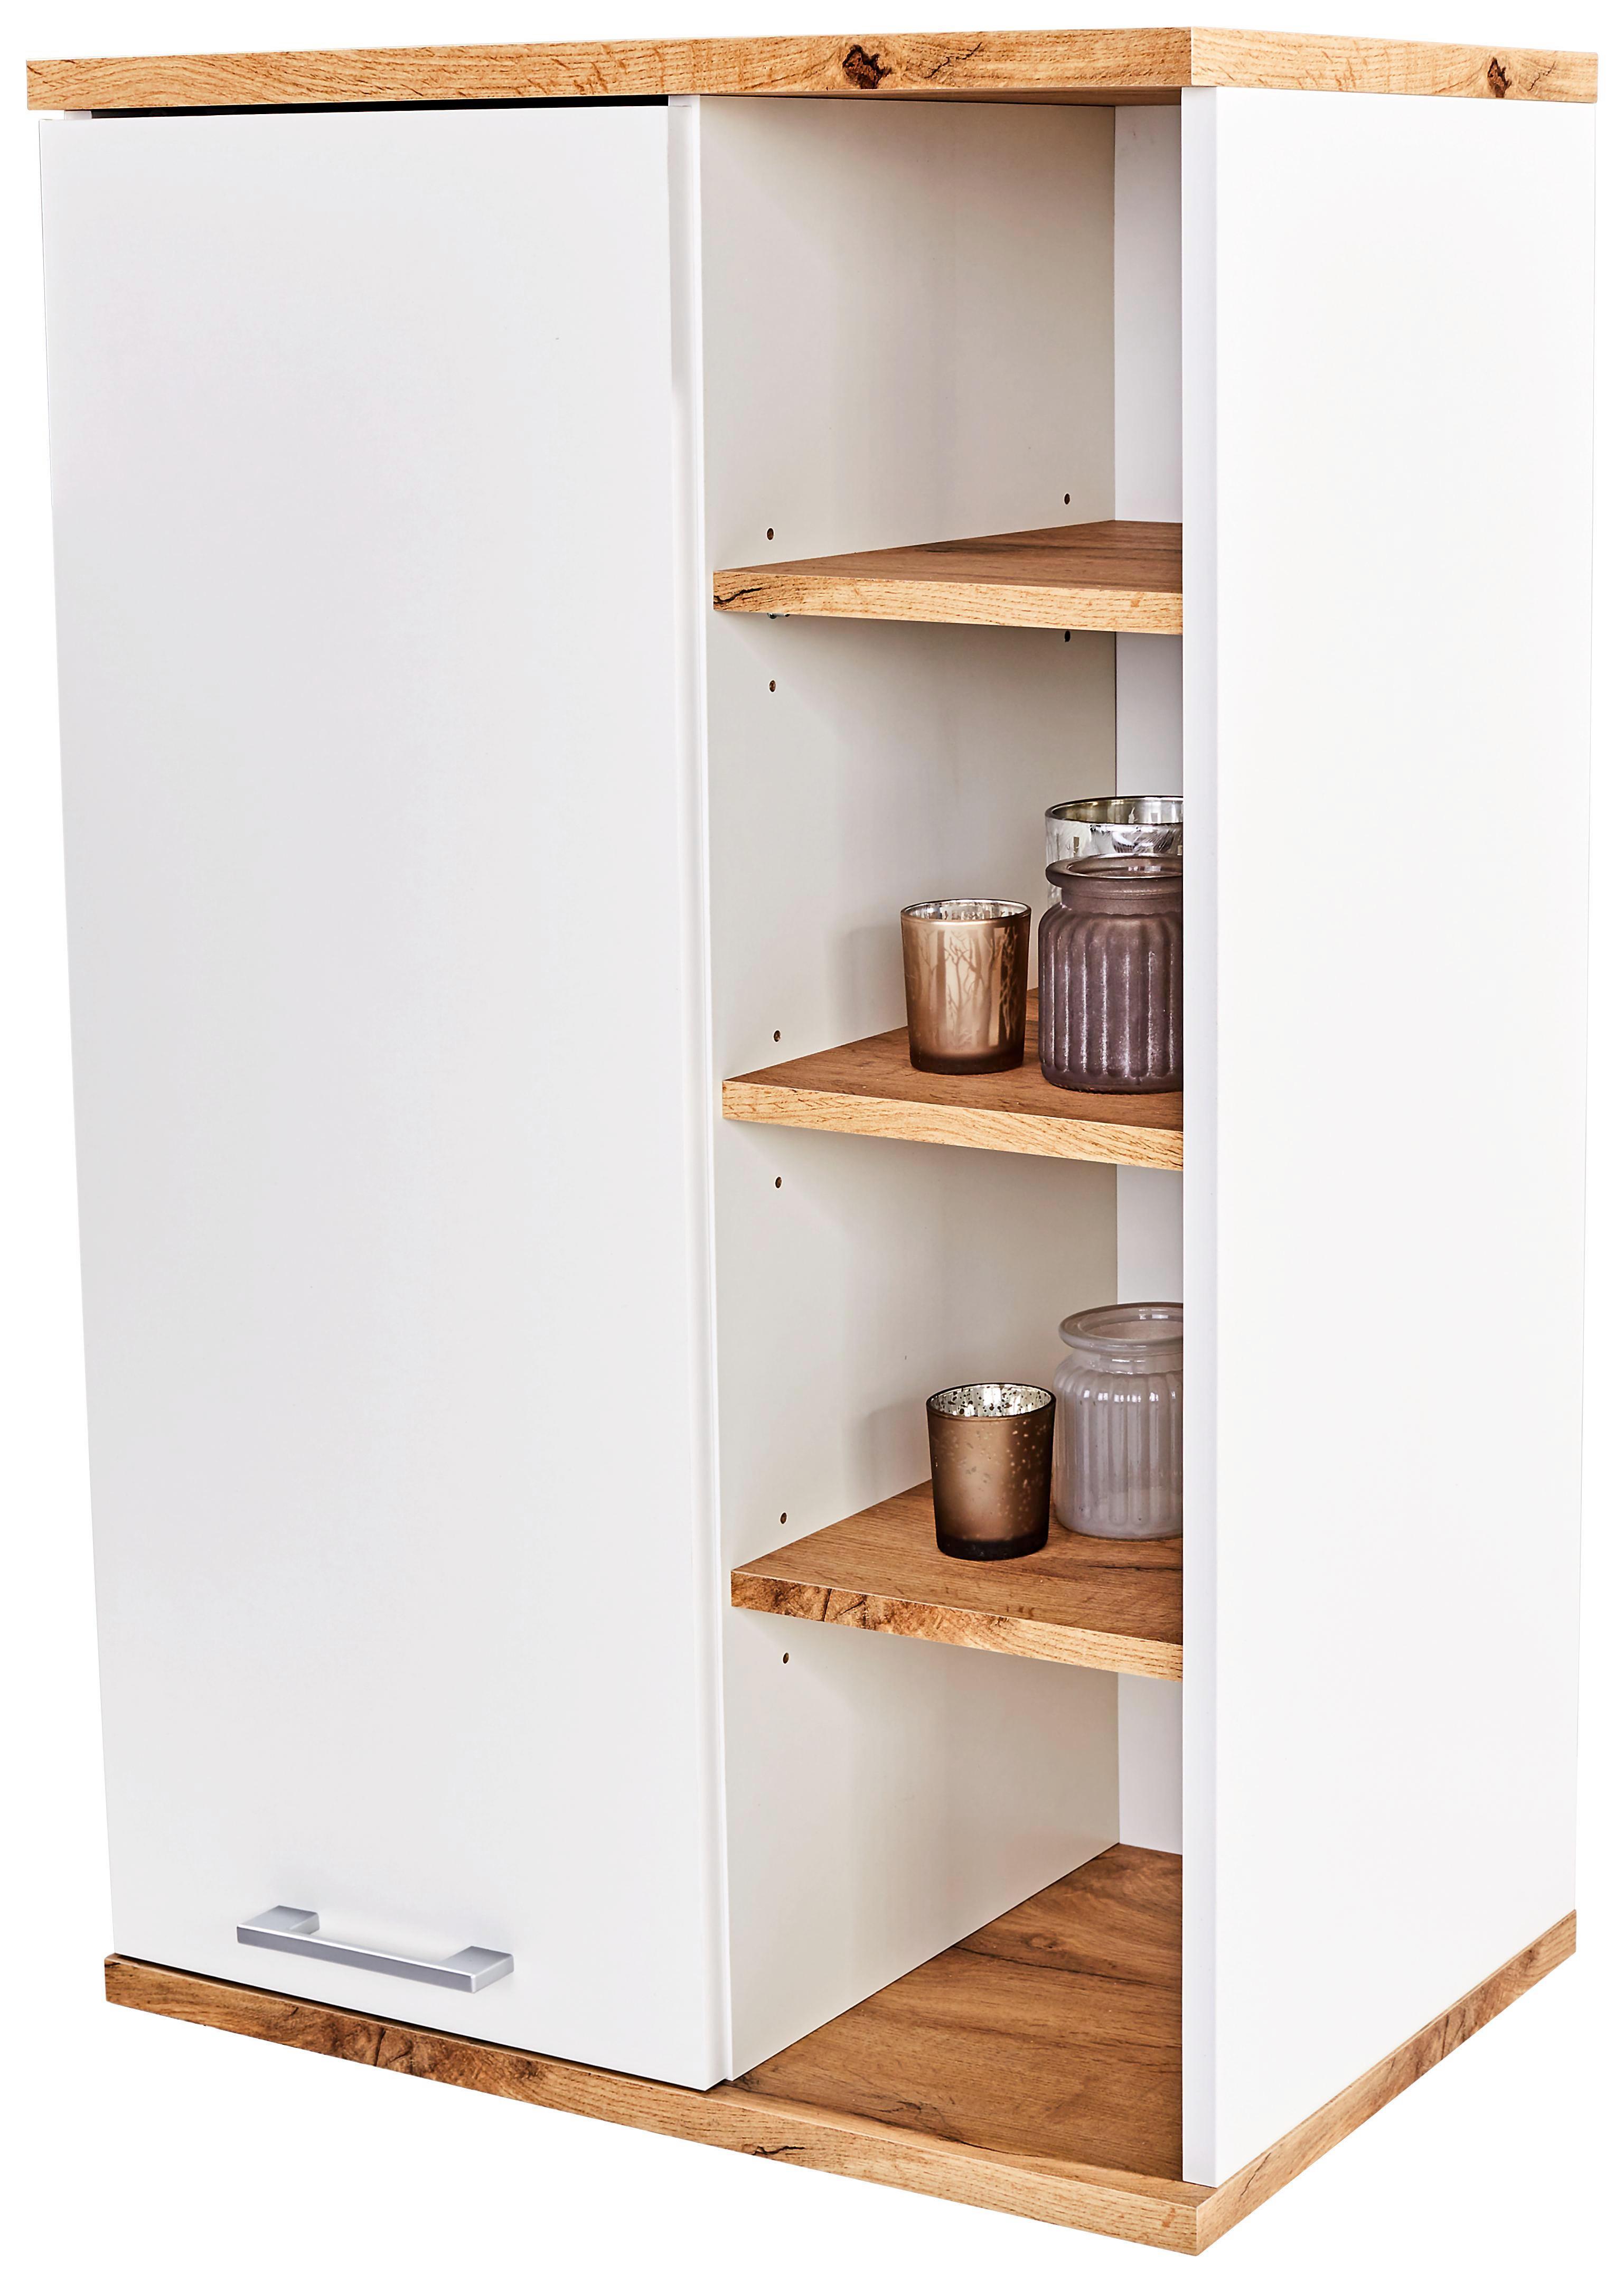 Moderne Schrankwand Regale Kinderzimmer   Wohnzimmereinrichtung Online Kaufen Mobelix